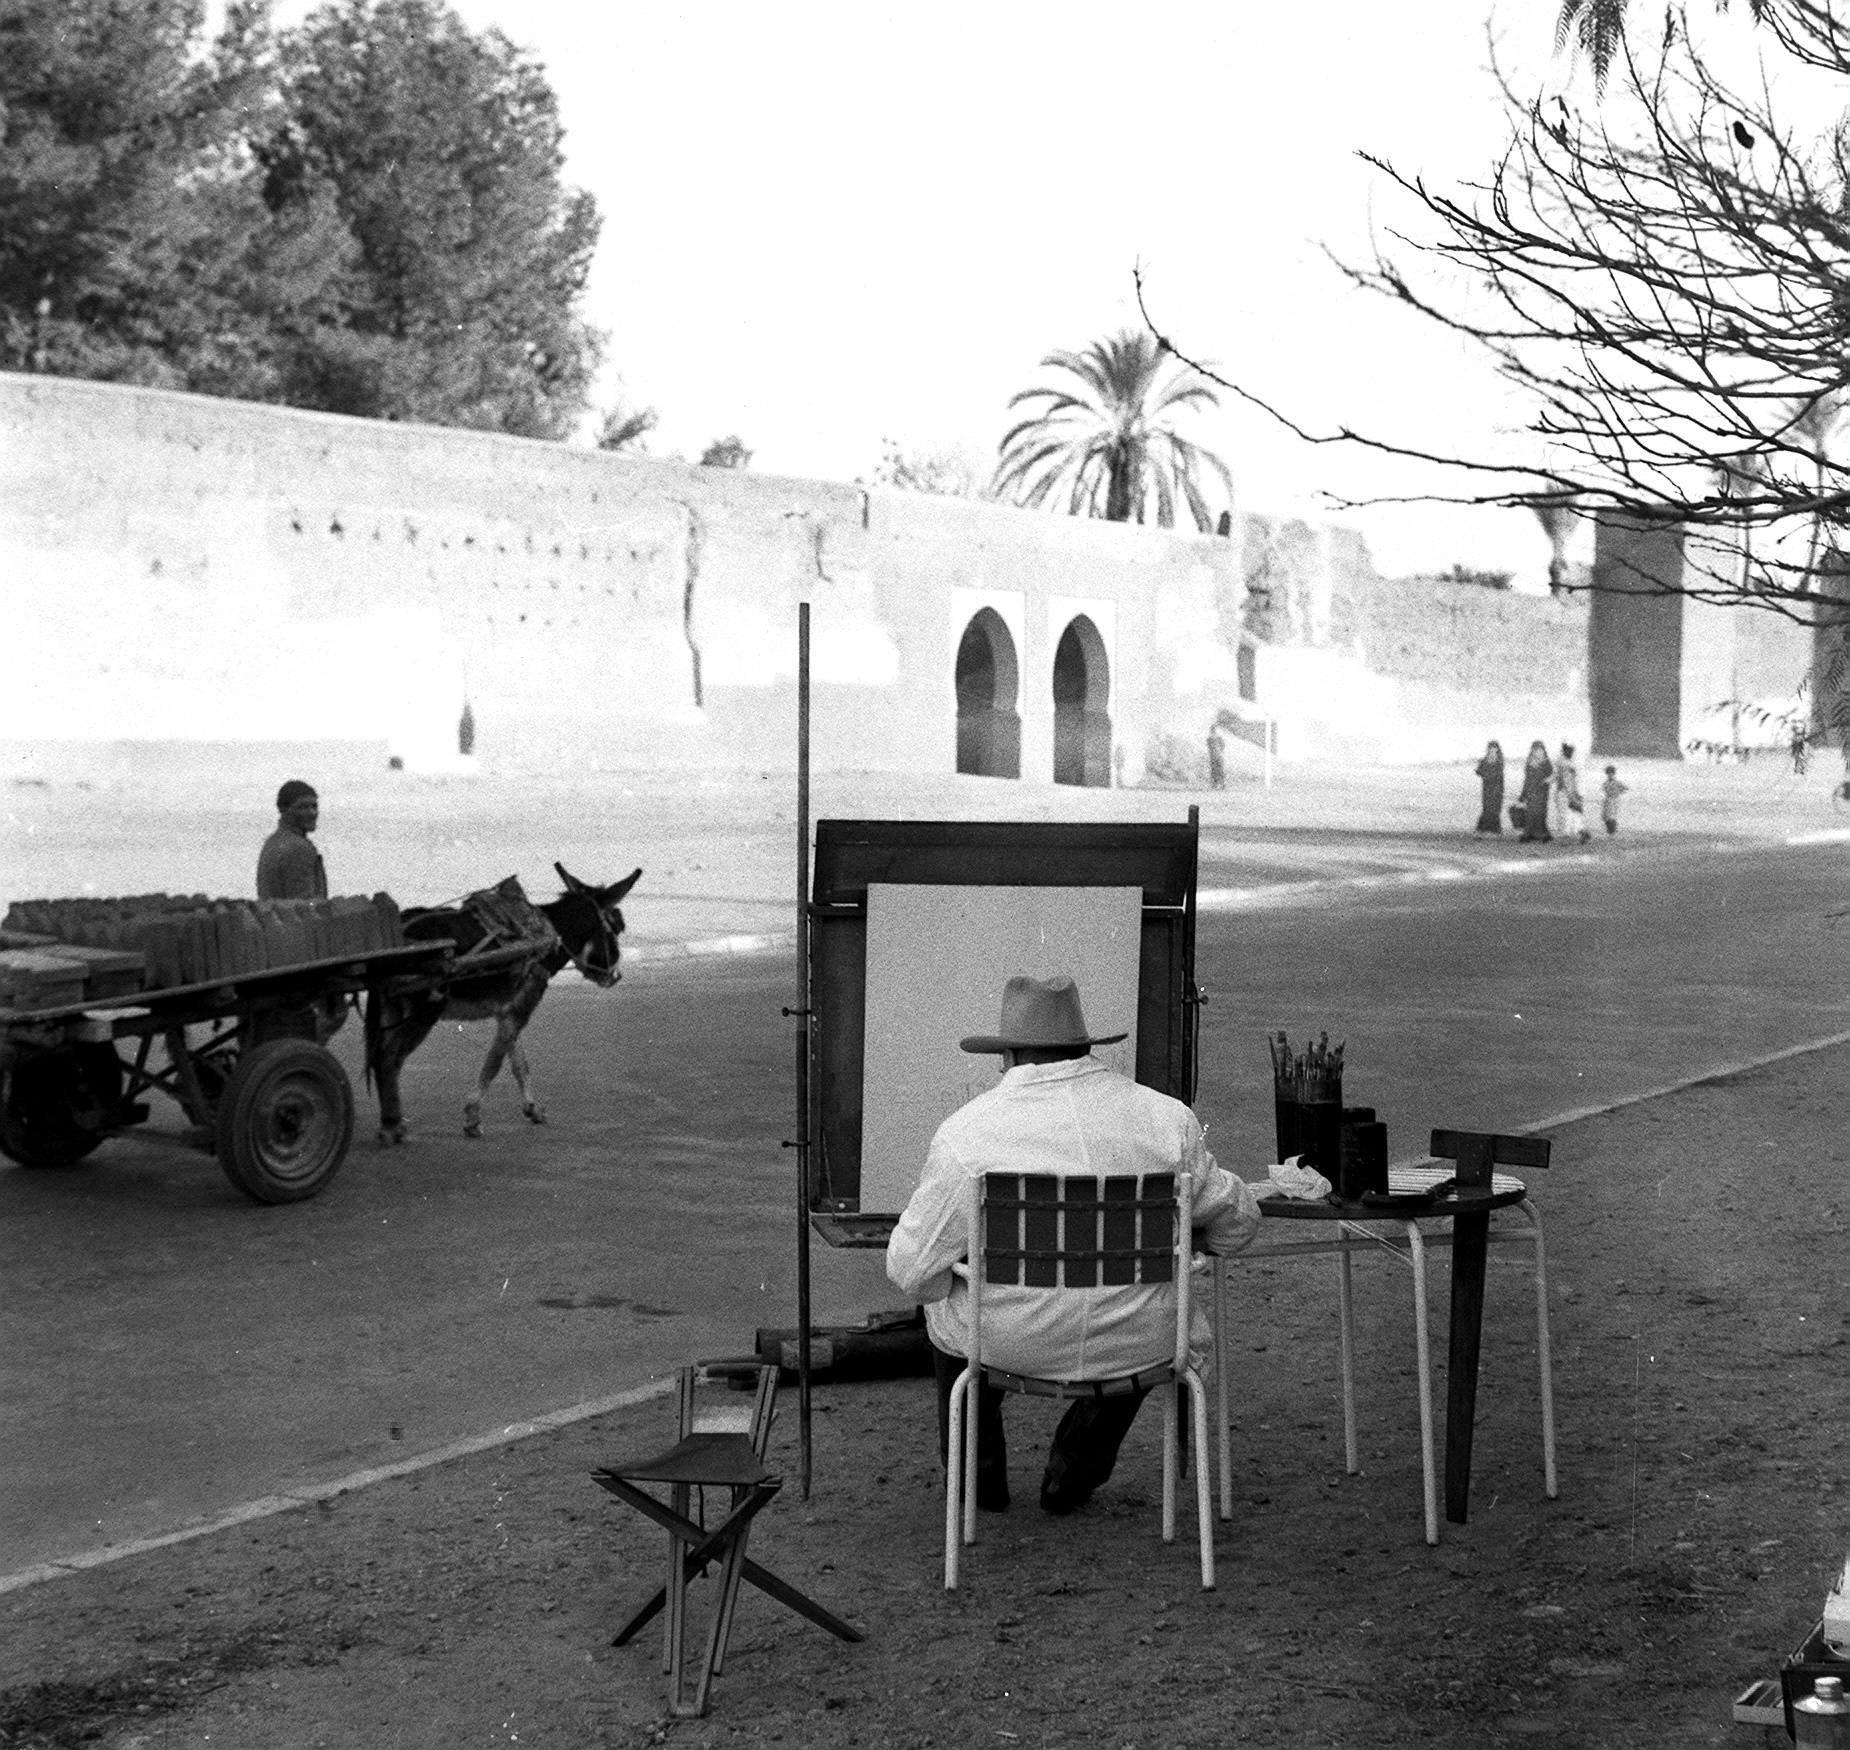 لقطة نادرة لرئيس الوزراء البريطاني تشرشل يمارس هوايته بالرسم في مراكش